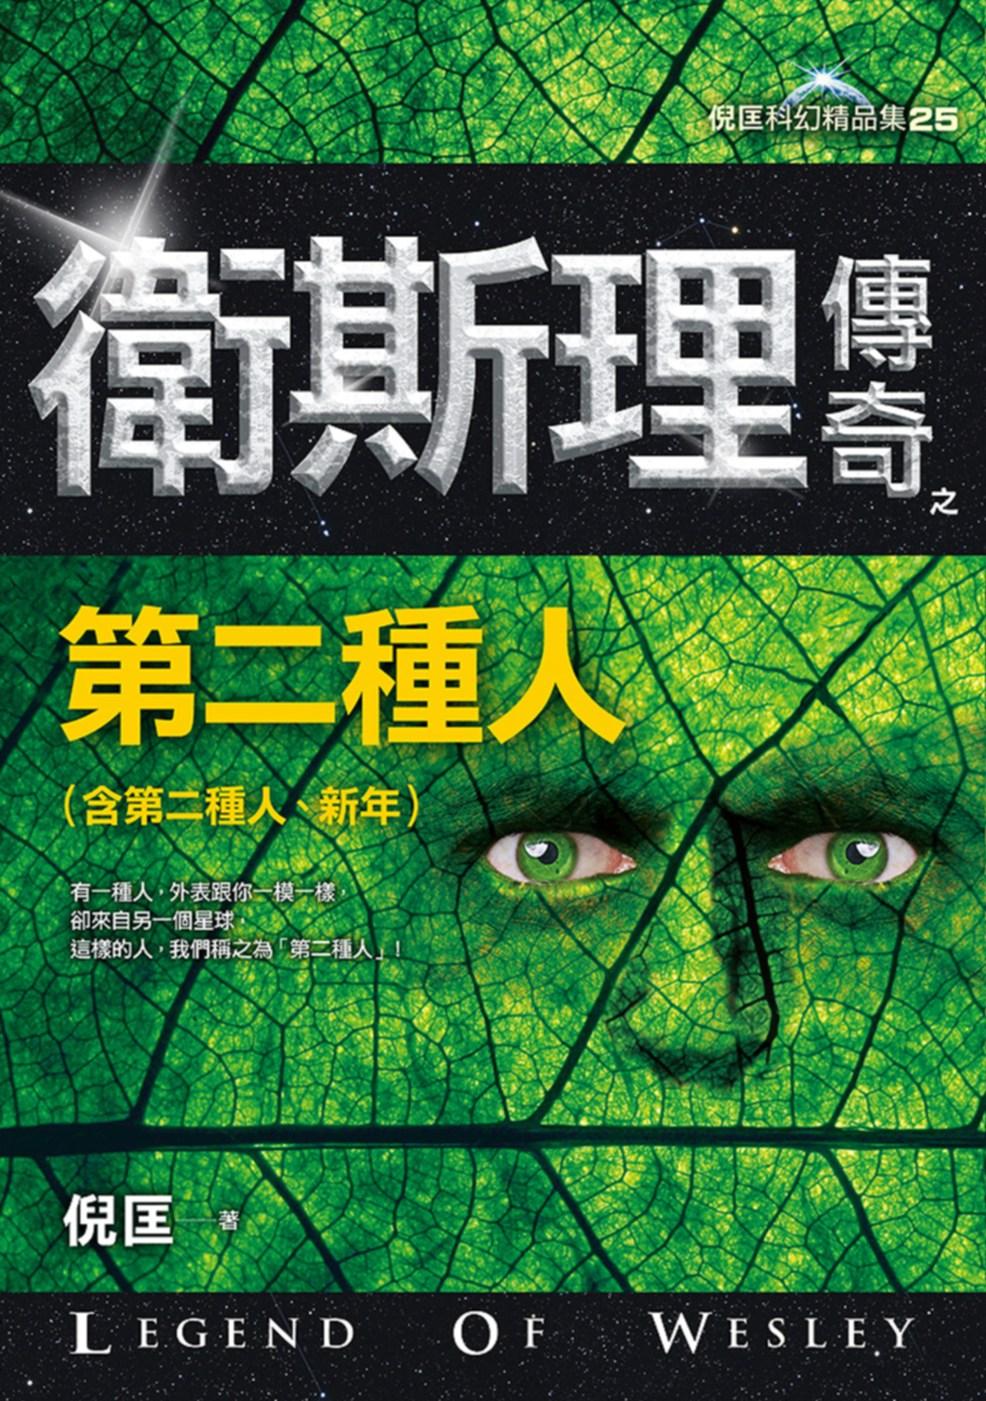 衛斯理傳奇之第二種人【精品集】(新版)